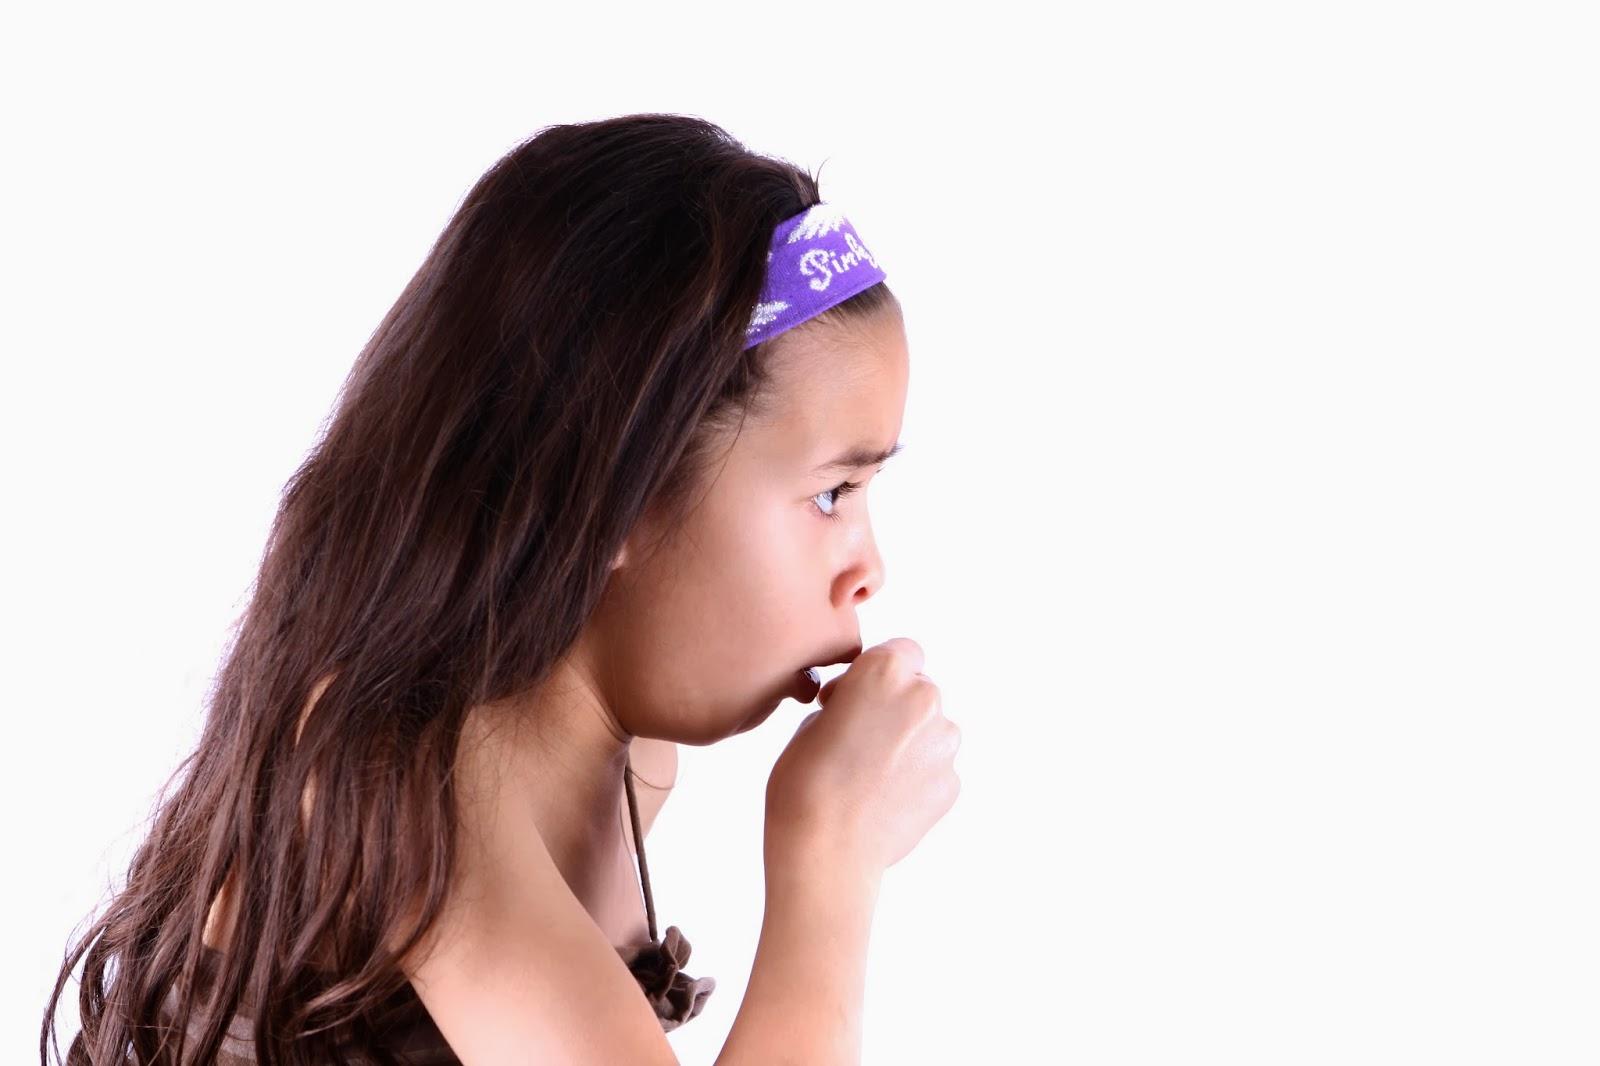 Причины кашля после еды у взрослых и детей: как лечить мокроту, почему начинается покашливание после приема пищи